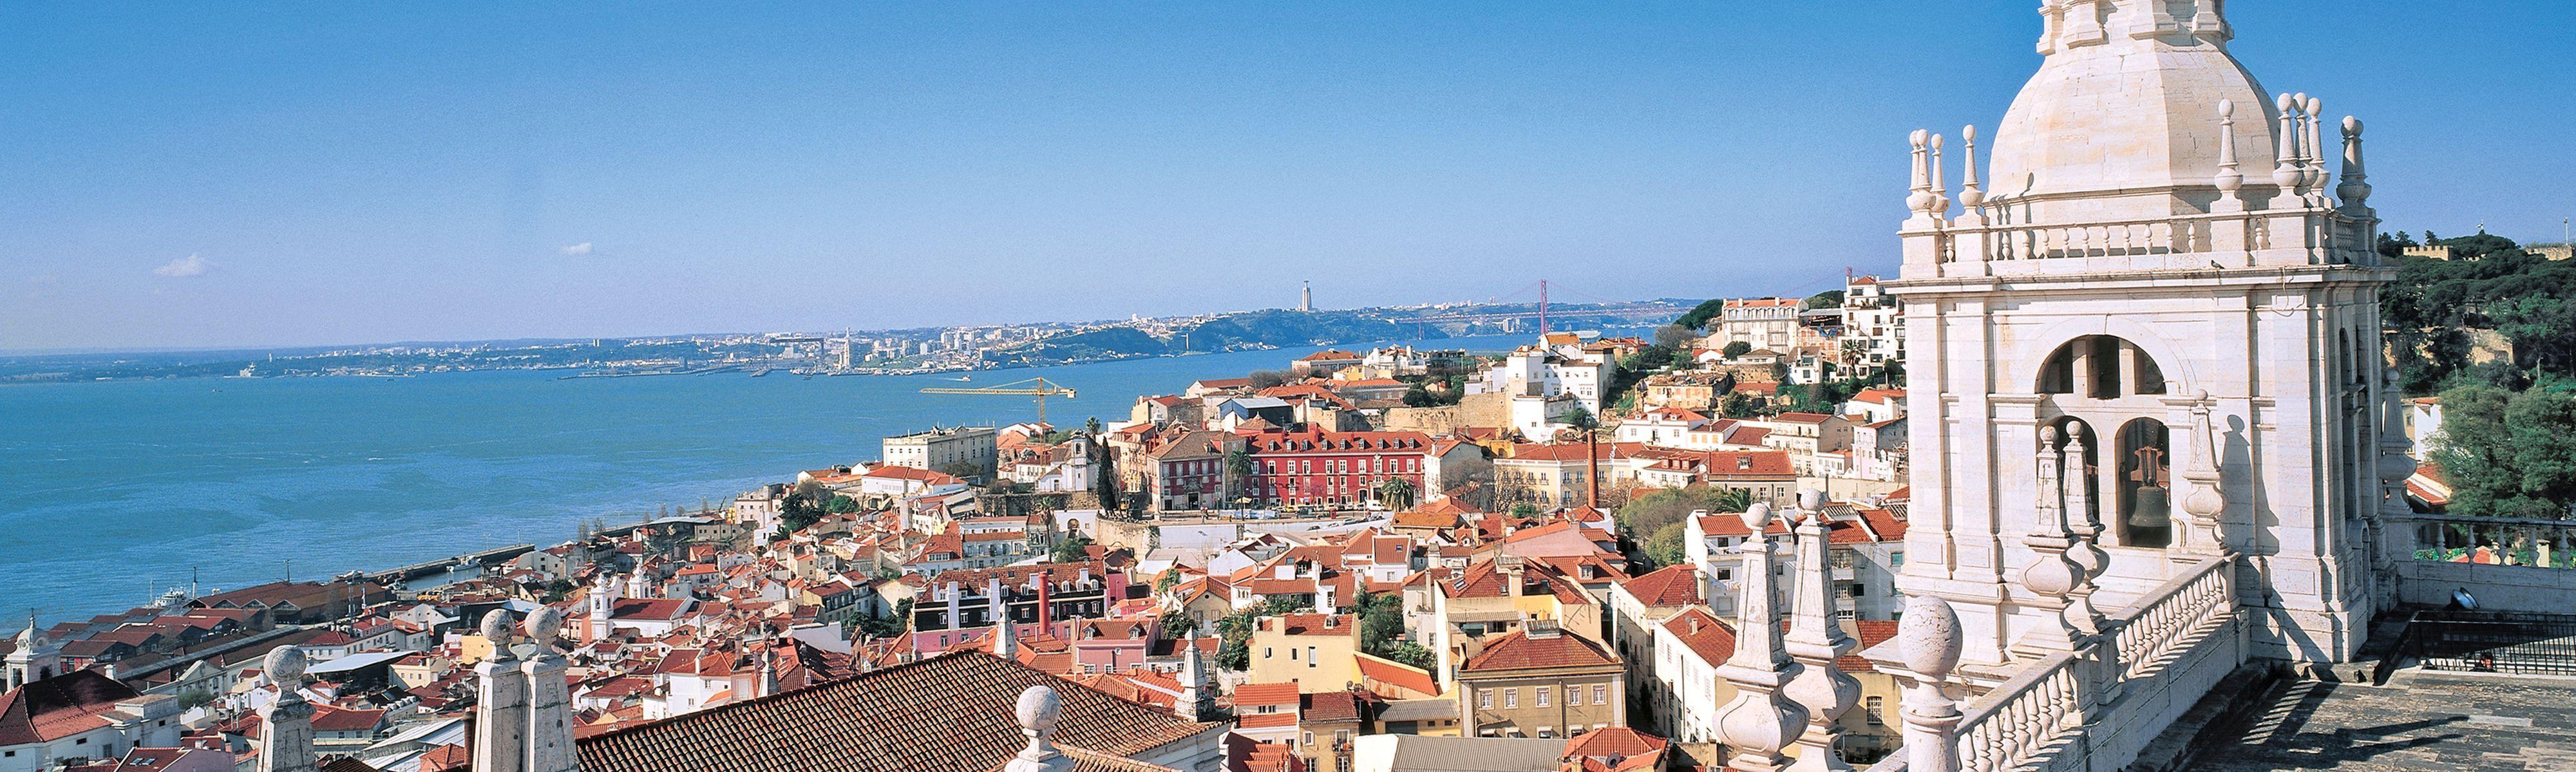 lissabon st dtereise in die hauptstadt portugals jetzt buchen bei picotours. Black Bedroom Furniture Sets. Home Design Ideas